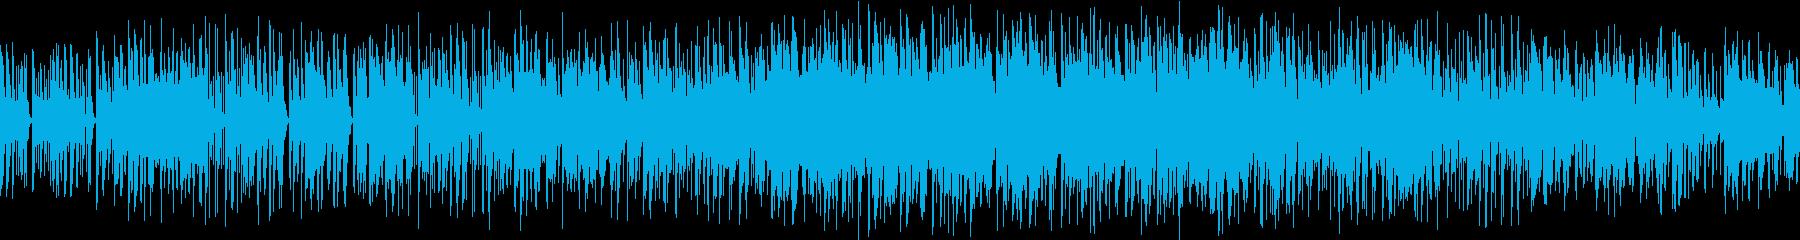 緊急事態のBGMの再生済みの波形